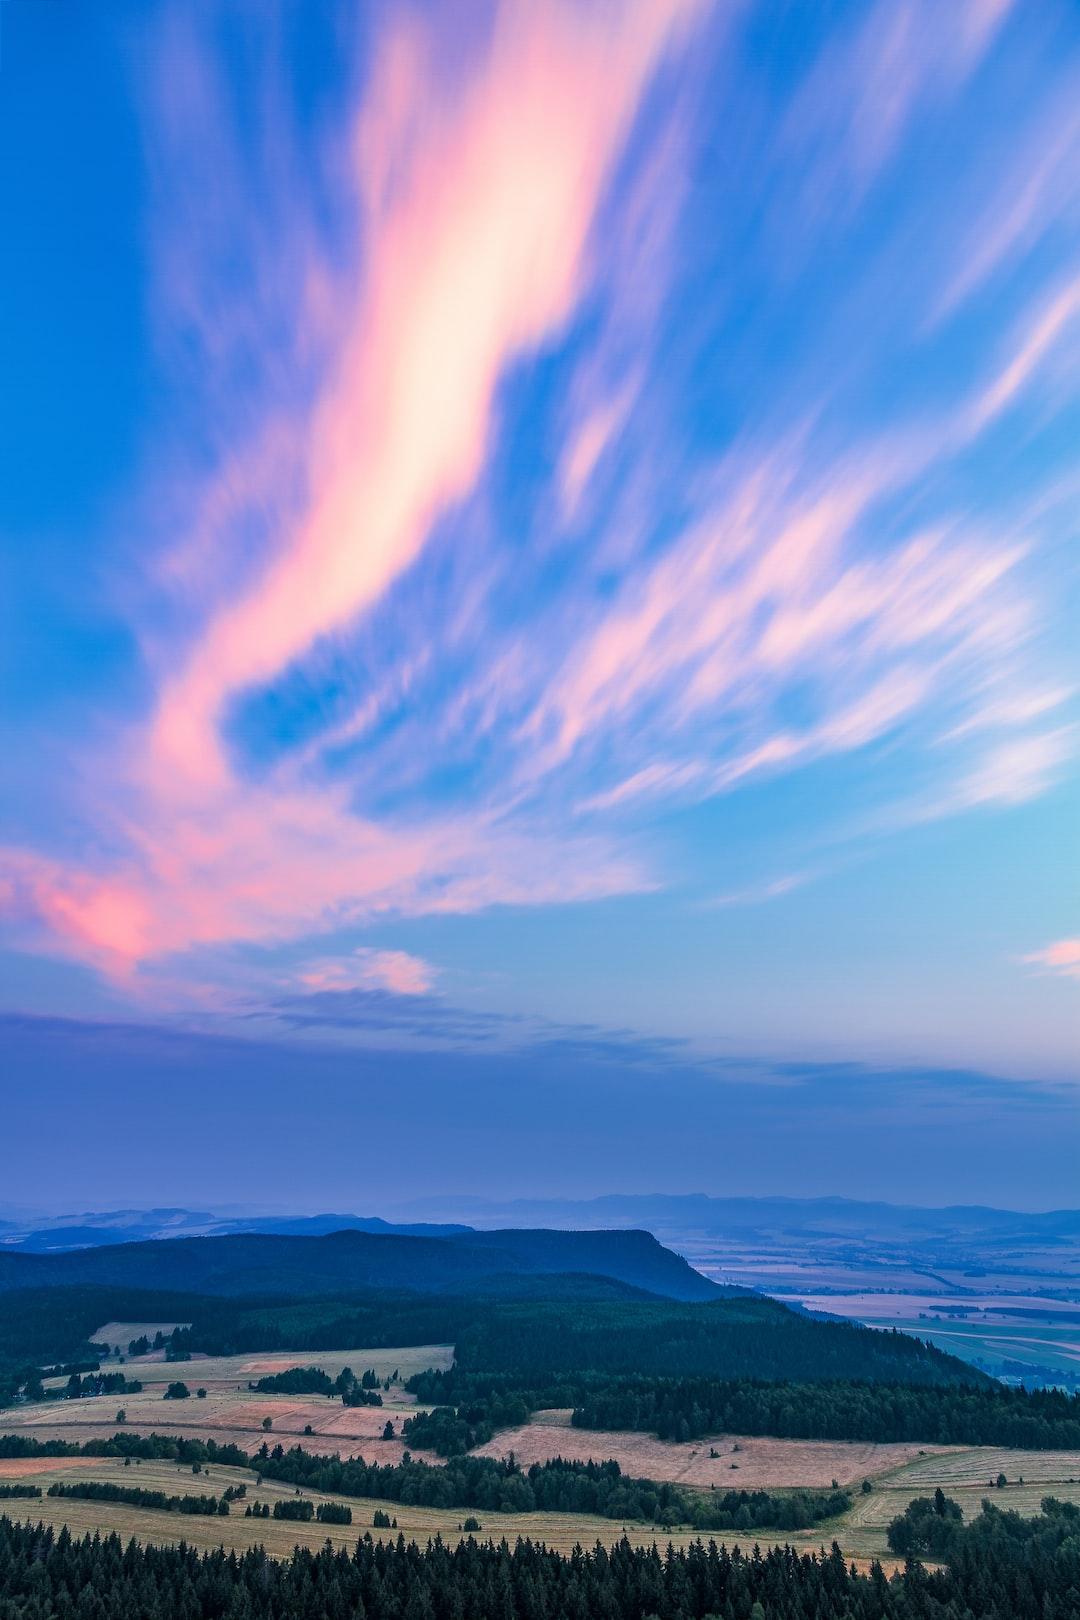 750 Vertical Landscape Pictures Stunning Download Free Images On Unsplash